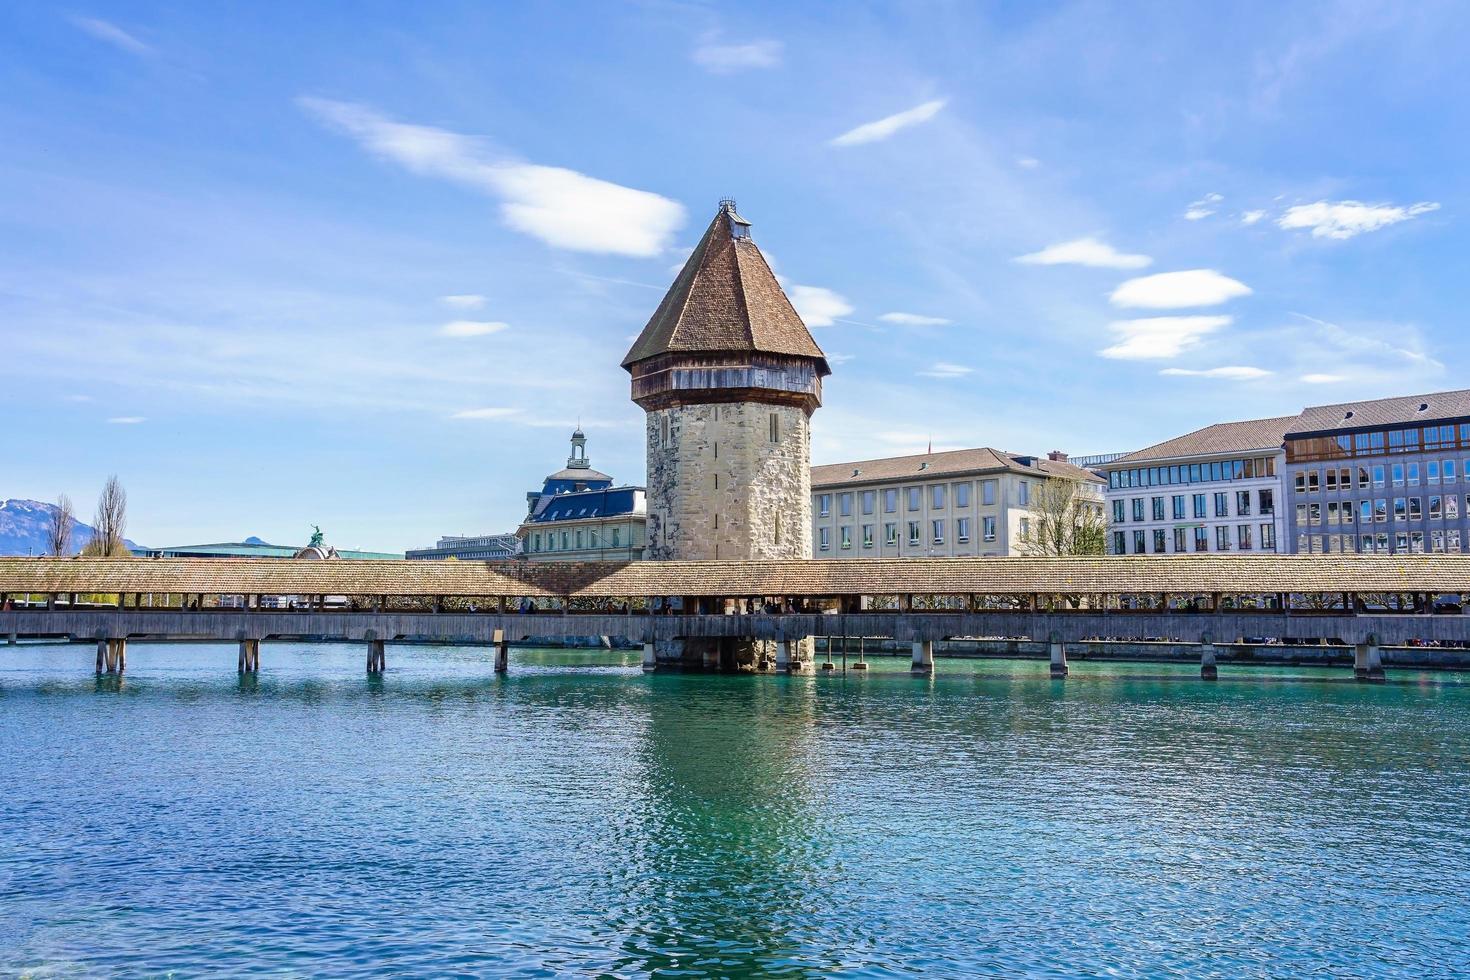 Il ponte della cappella e il lago di Lucerna a Lucerna, Svizzera foto